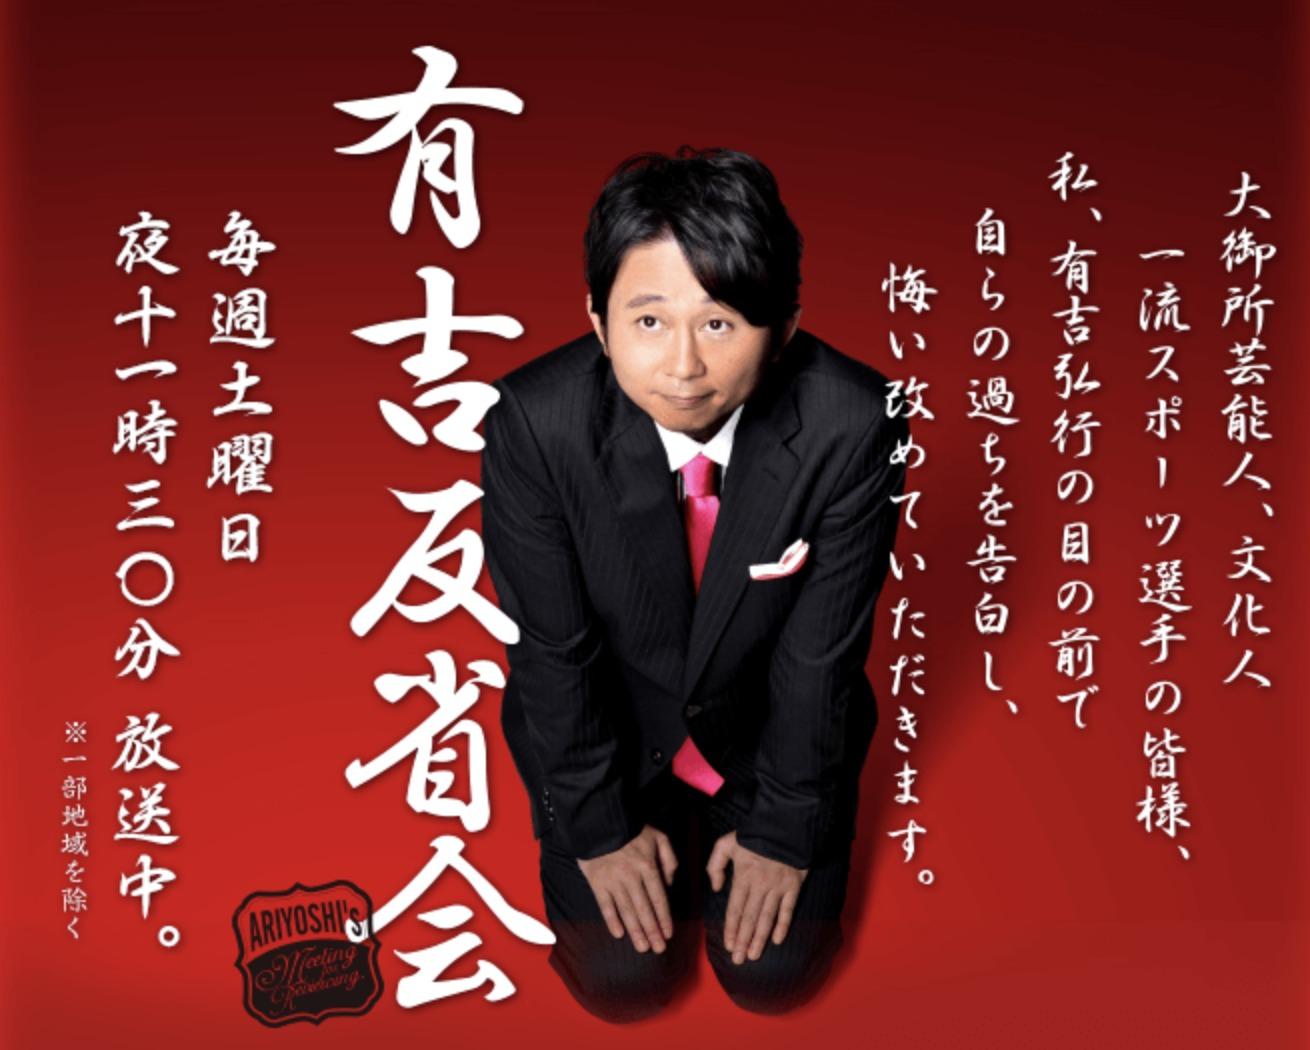 有吉大反省会(ピンク・レディー)10月3日の無料動画や見逃し配信をフル視聴する方法!